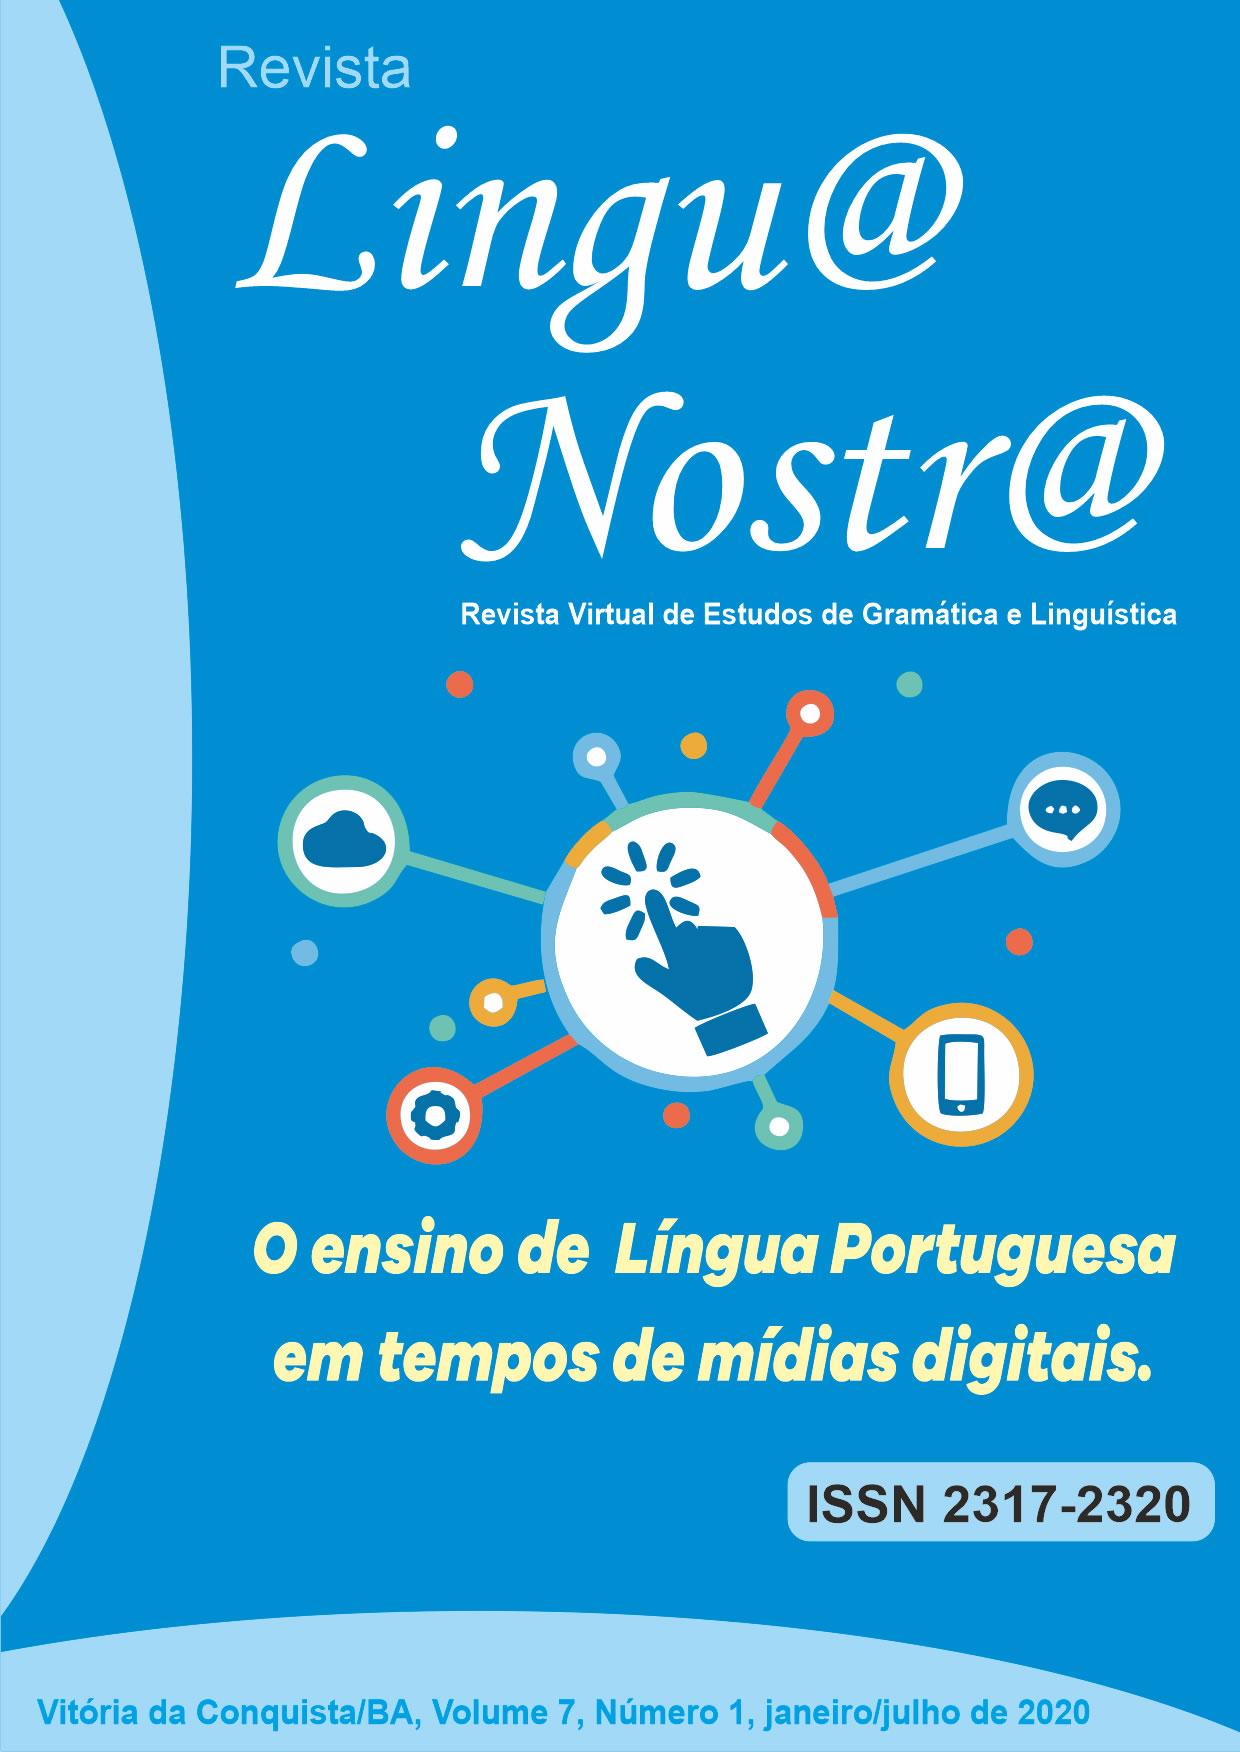 Visualizar v. 7 n. 1 (2020): O ensino de Língua Portuguesa em tempos de mídias digitais